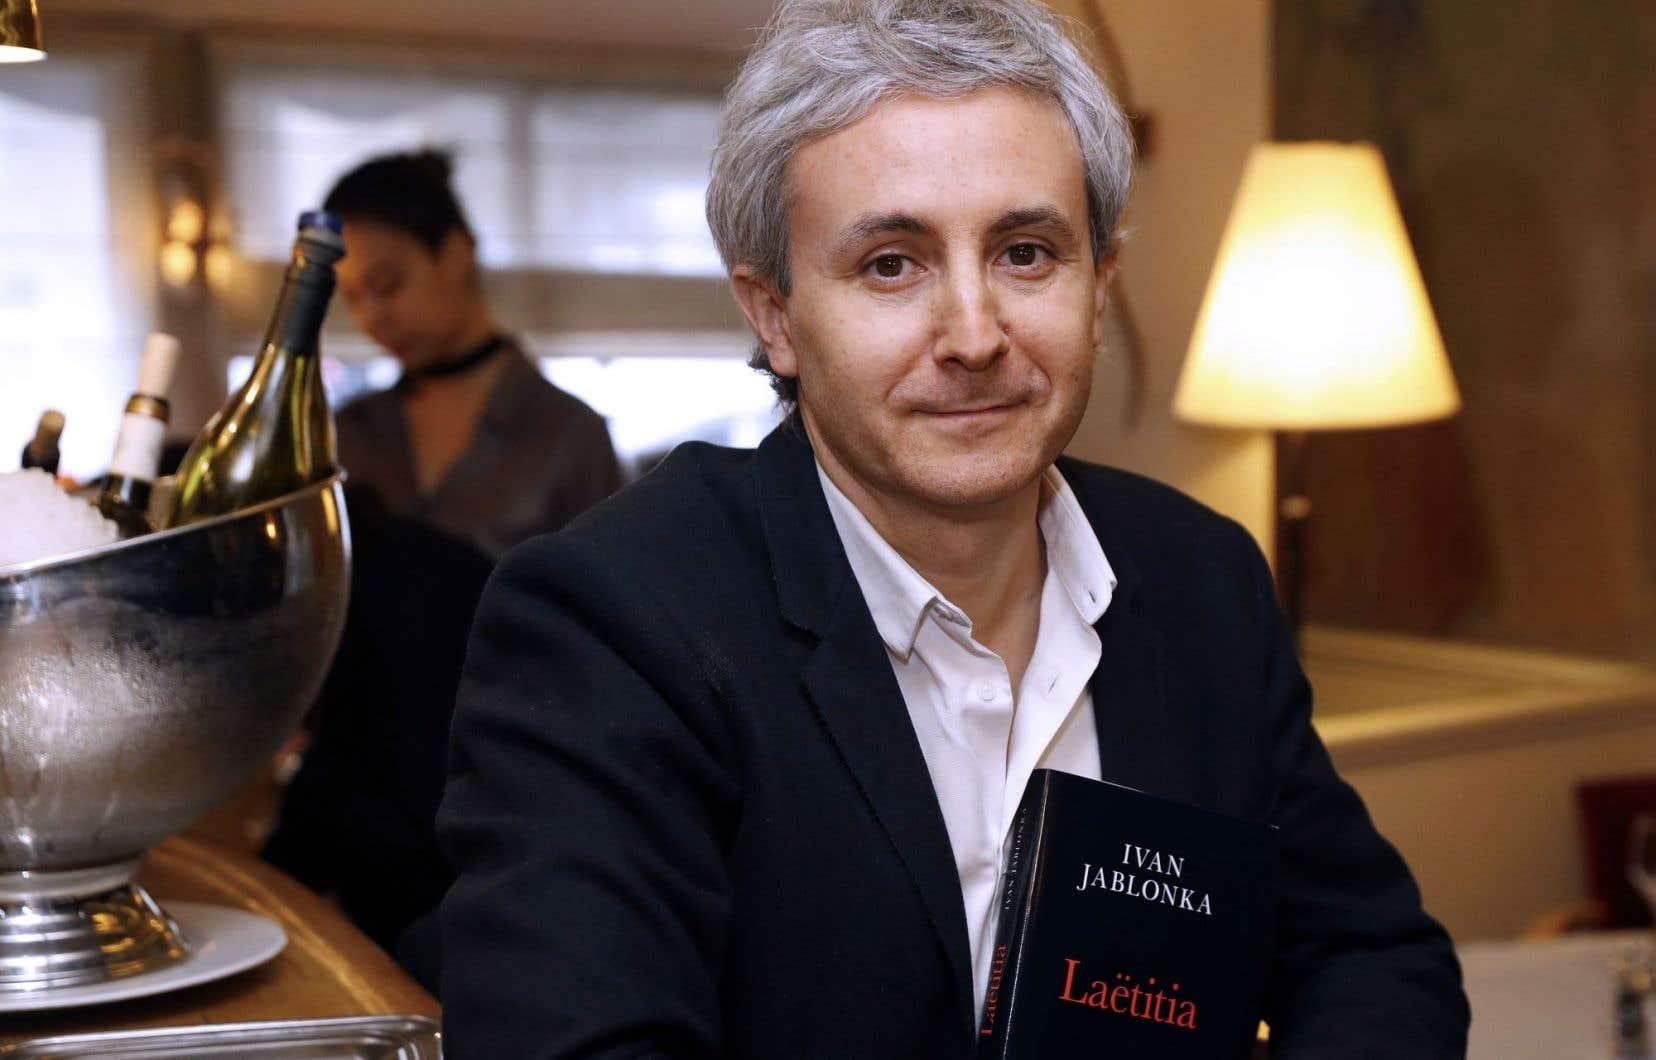 Professeur d'histoire contemporaine à l'Université Paris XIII, Ivan Jablonka, auteur de Laëtitia ou la fin des hommes, a remporté le prestigieux prix Médicis, mercredi à Paris.